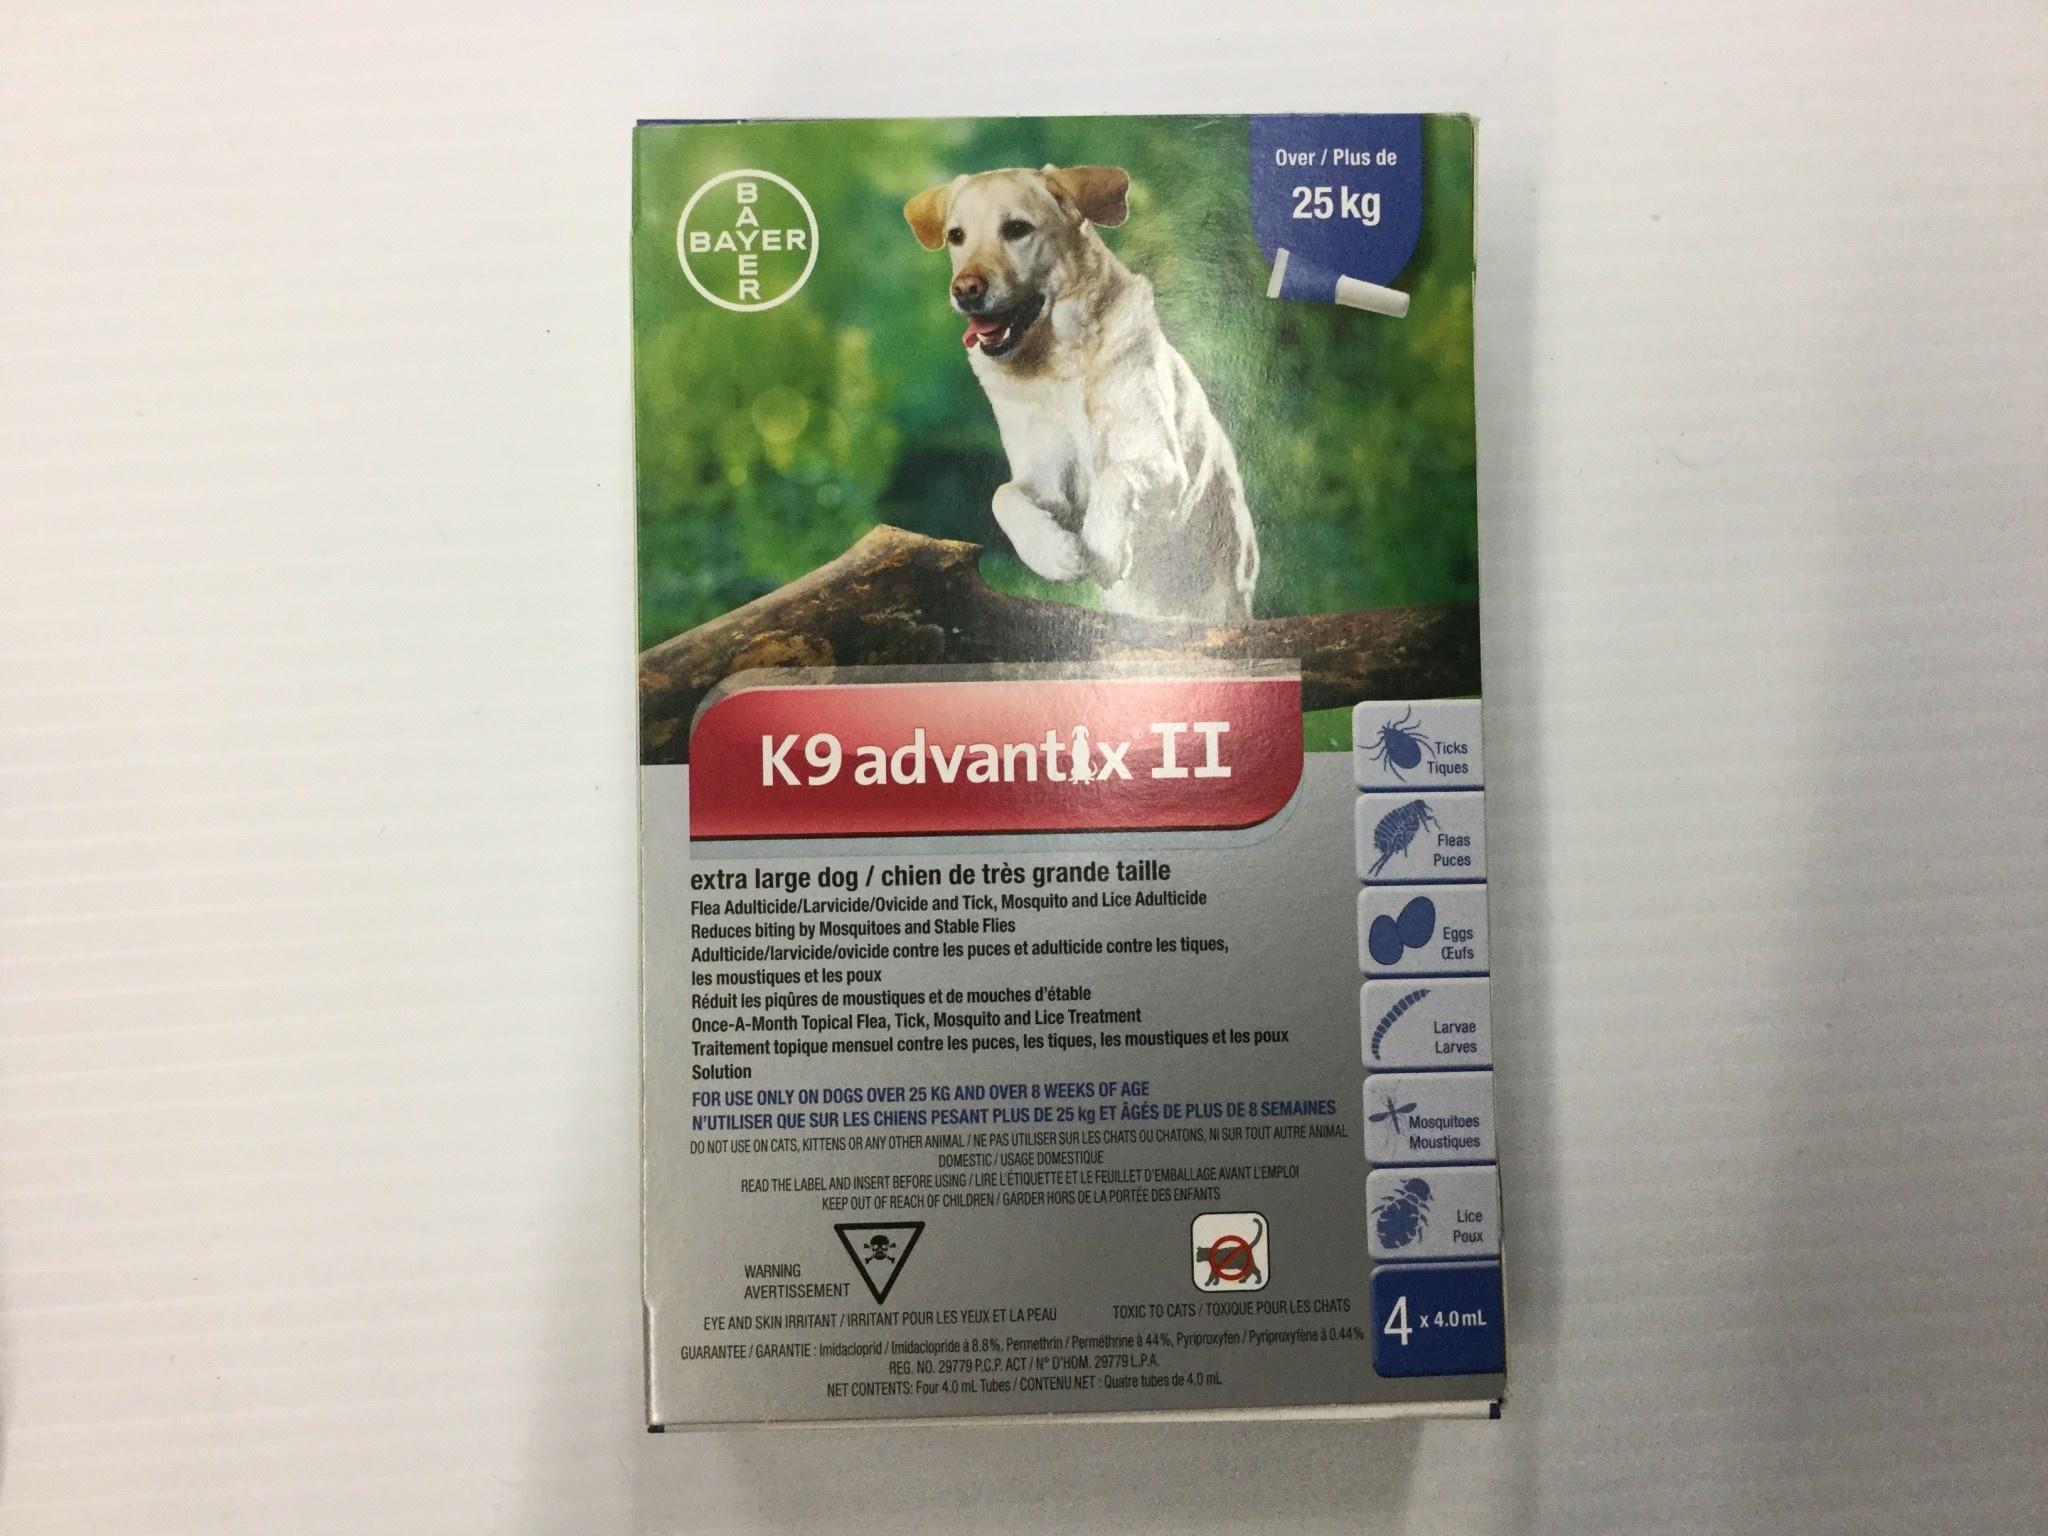 K9 advantix II-X-Large Dog Over 25kg-1